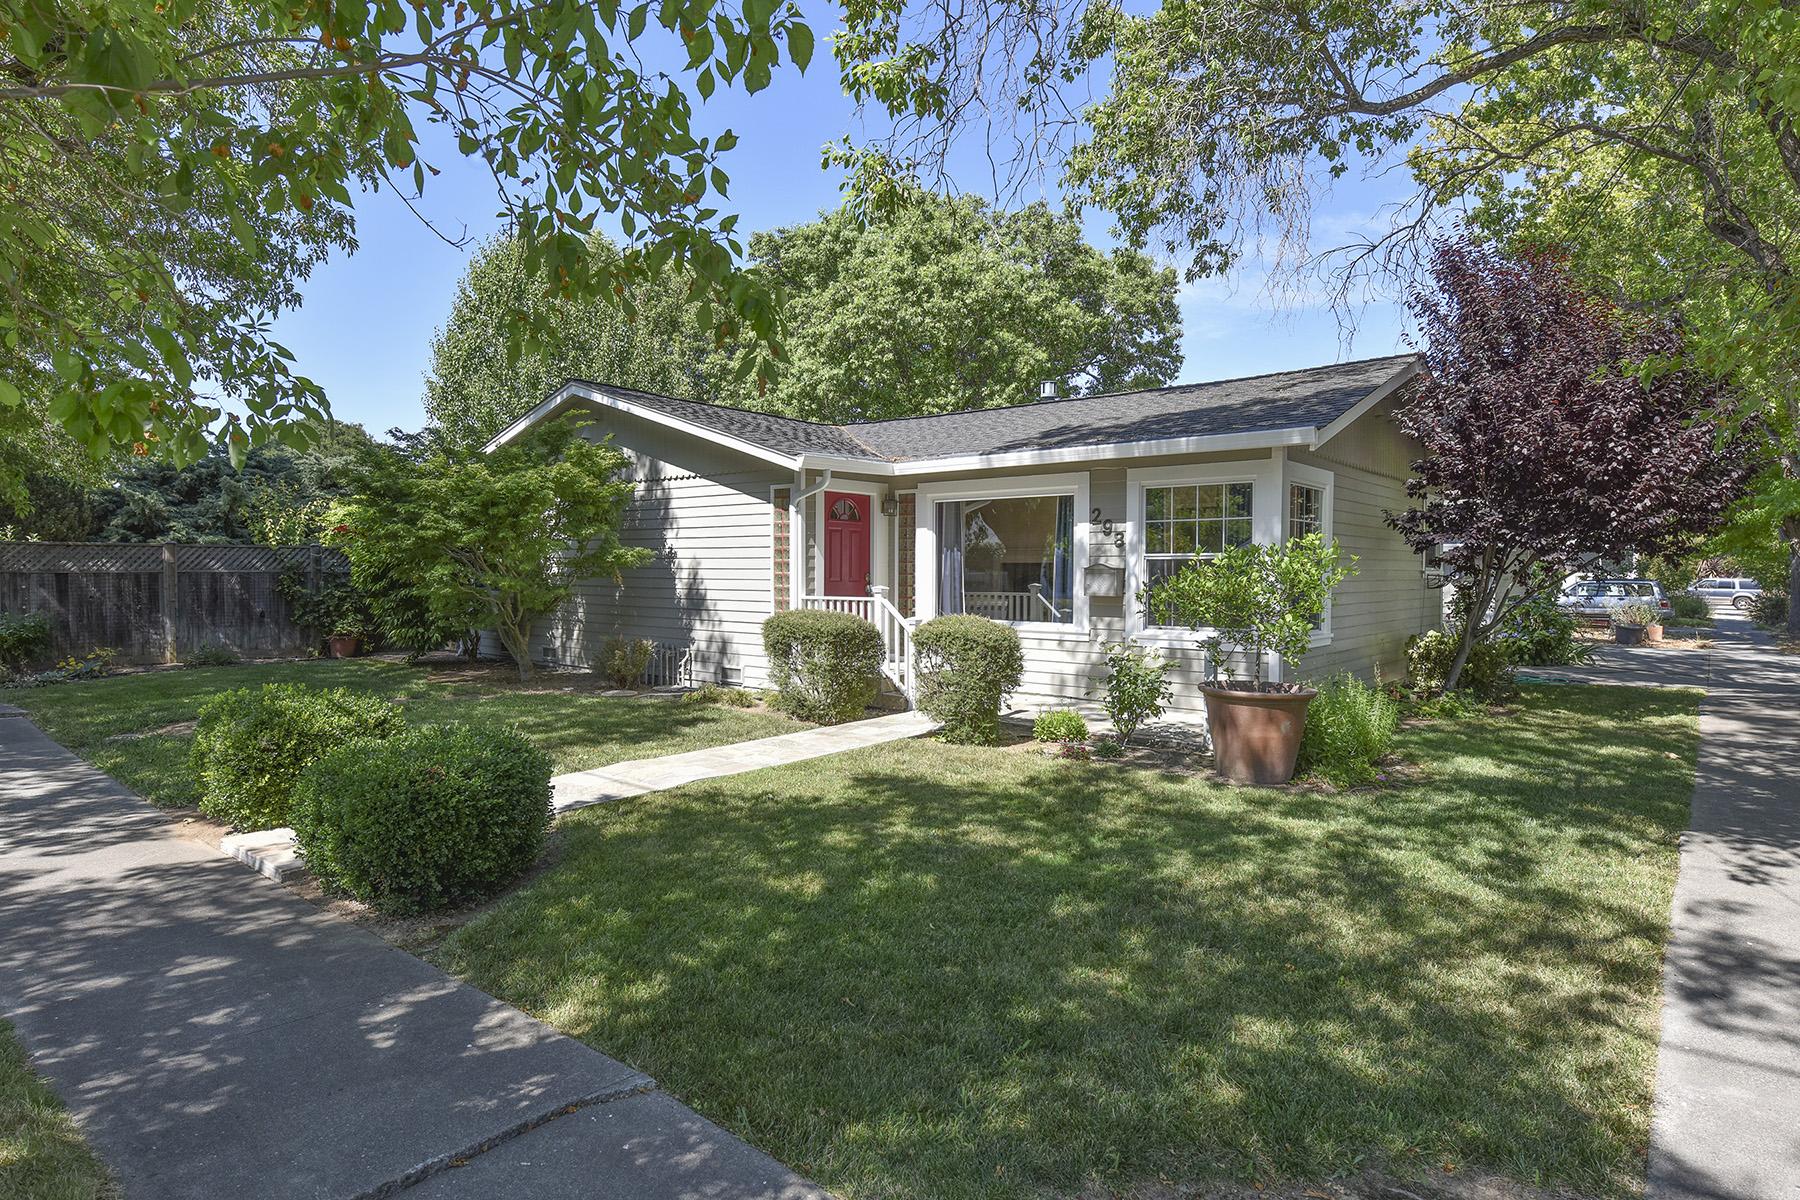 단독 가정 주택 용 매매 에 298 S Hartson St, Napa, CA 94559 Napa, 캘리포니아, 94559 미국